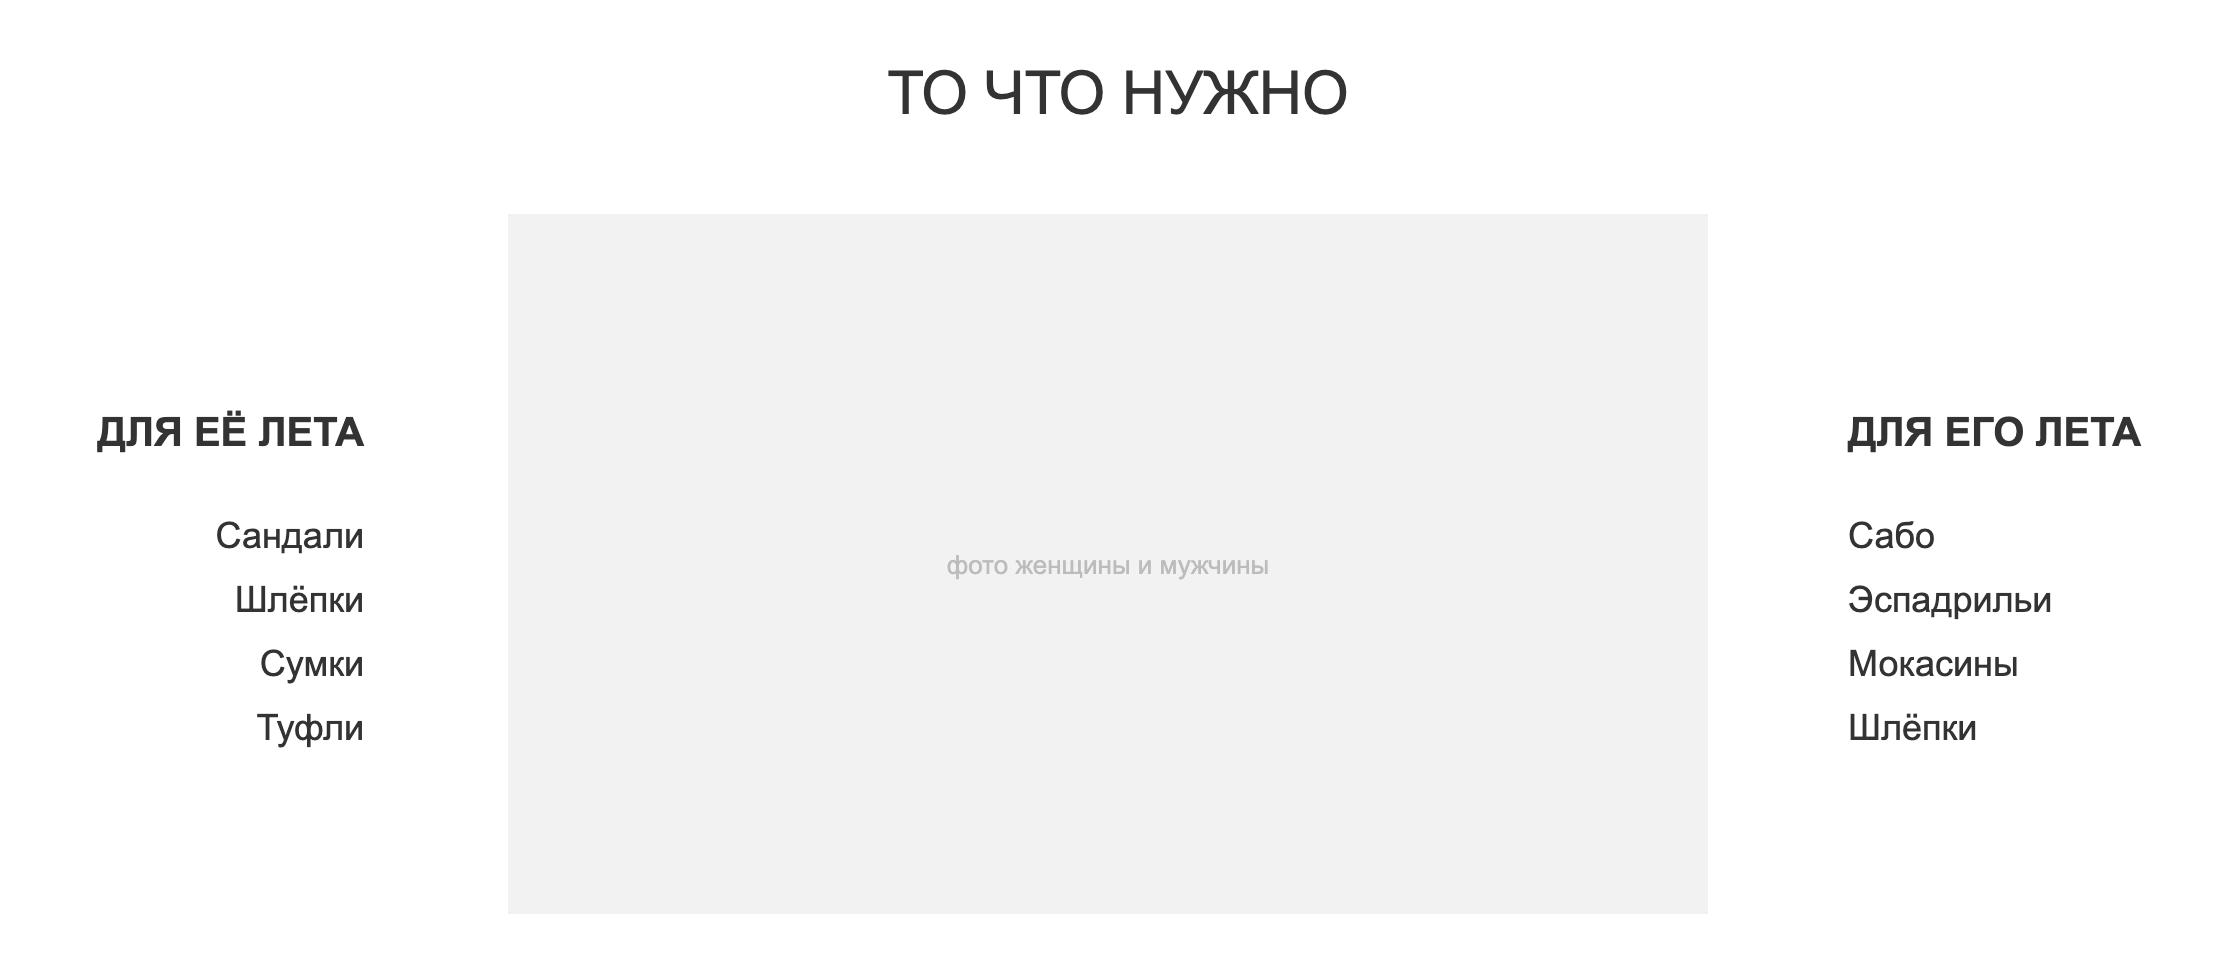 Проектирование интернет-магазина для SEO: (теория + чеклист) - 2